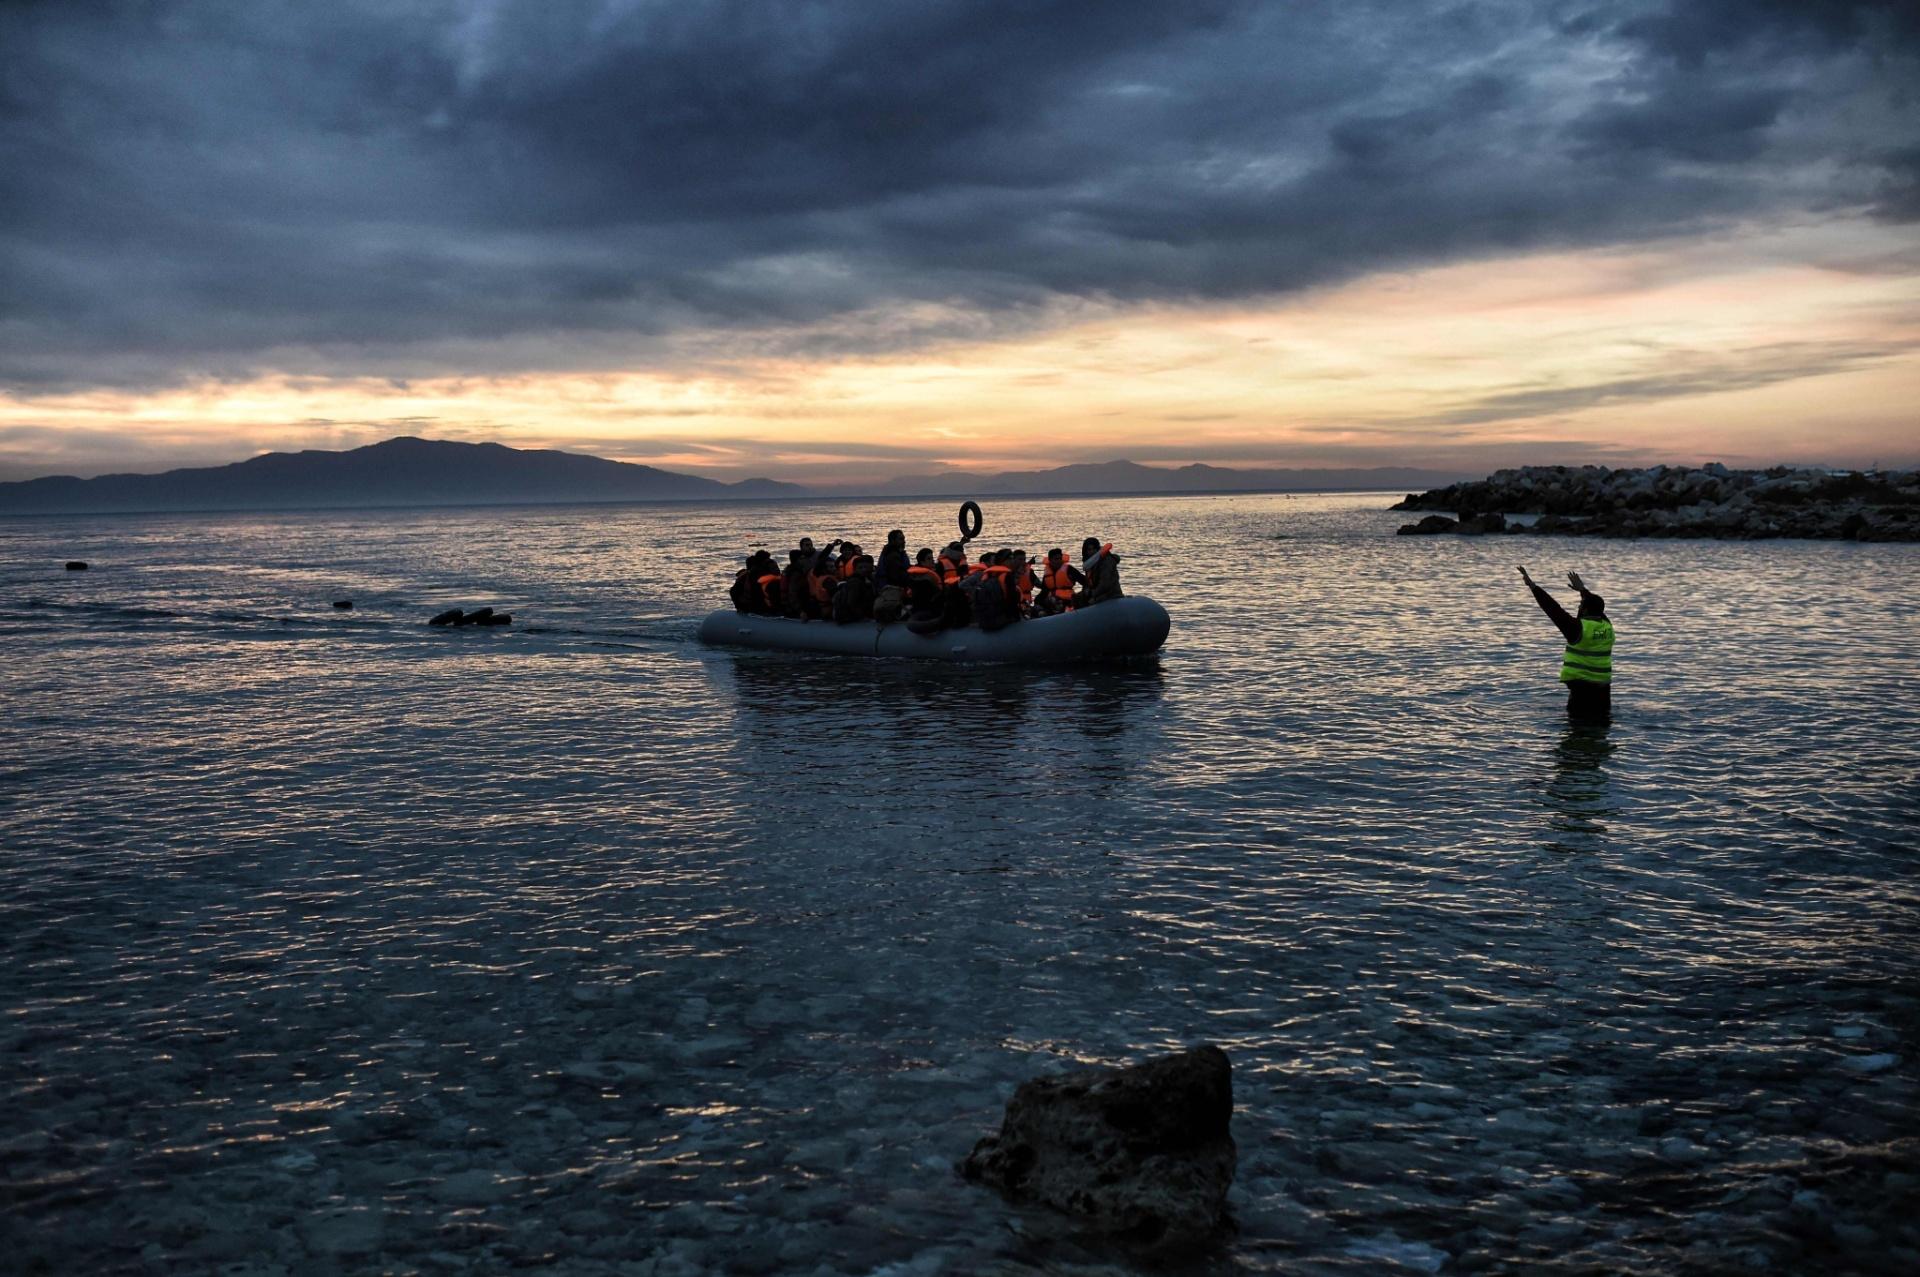 17.fev.2016 - Membro de equipe de resgate acena para bote inflável lotado de imigrantes no norte da ilha de Lesbos, na Grécia, após a embarcação cruzar o mar Egeu, saídos da Turquia